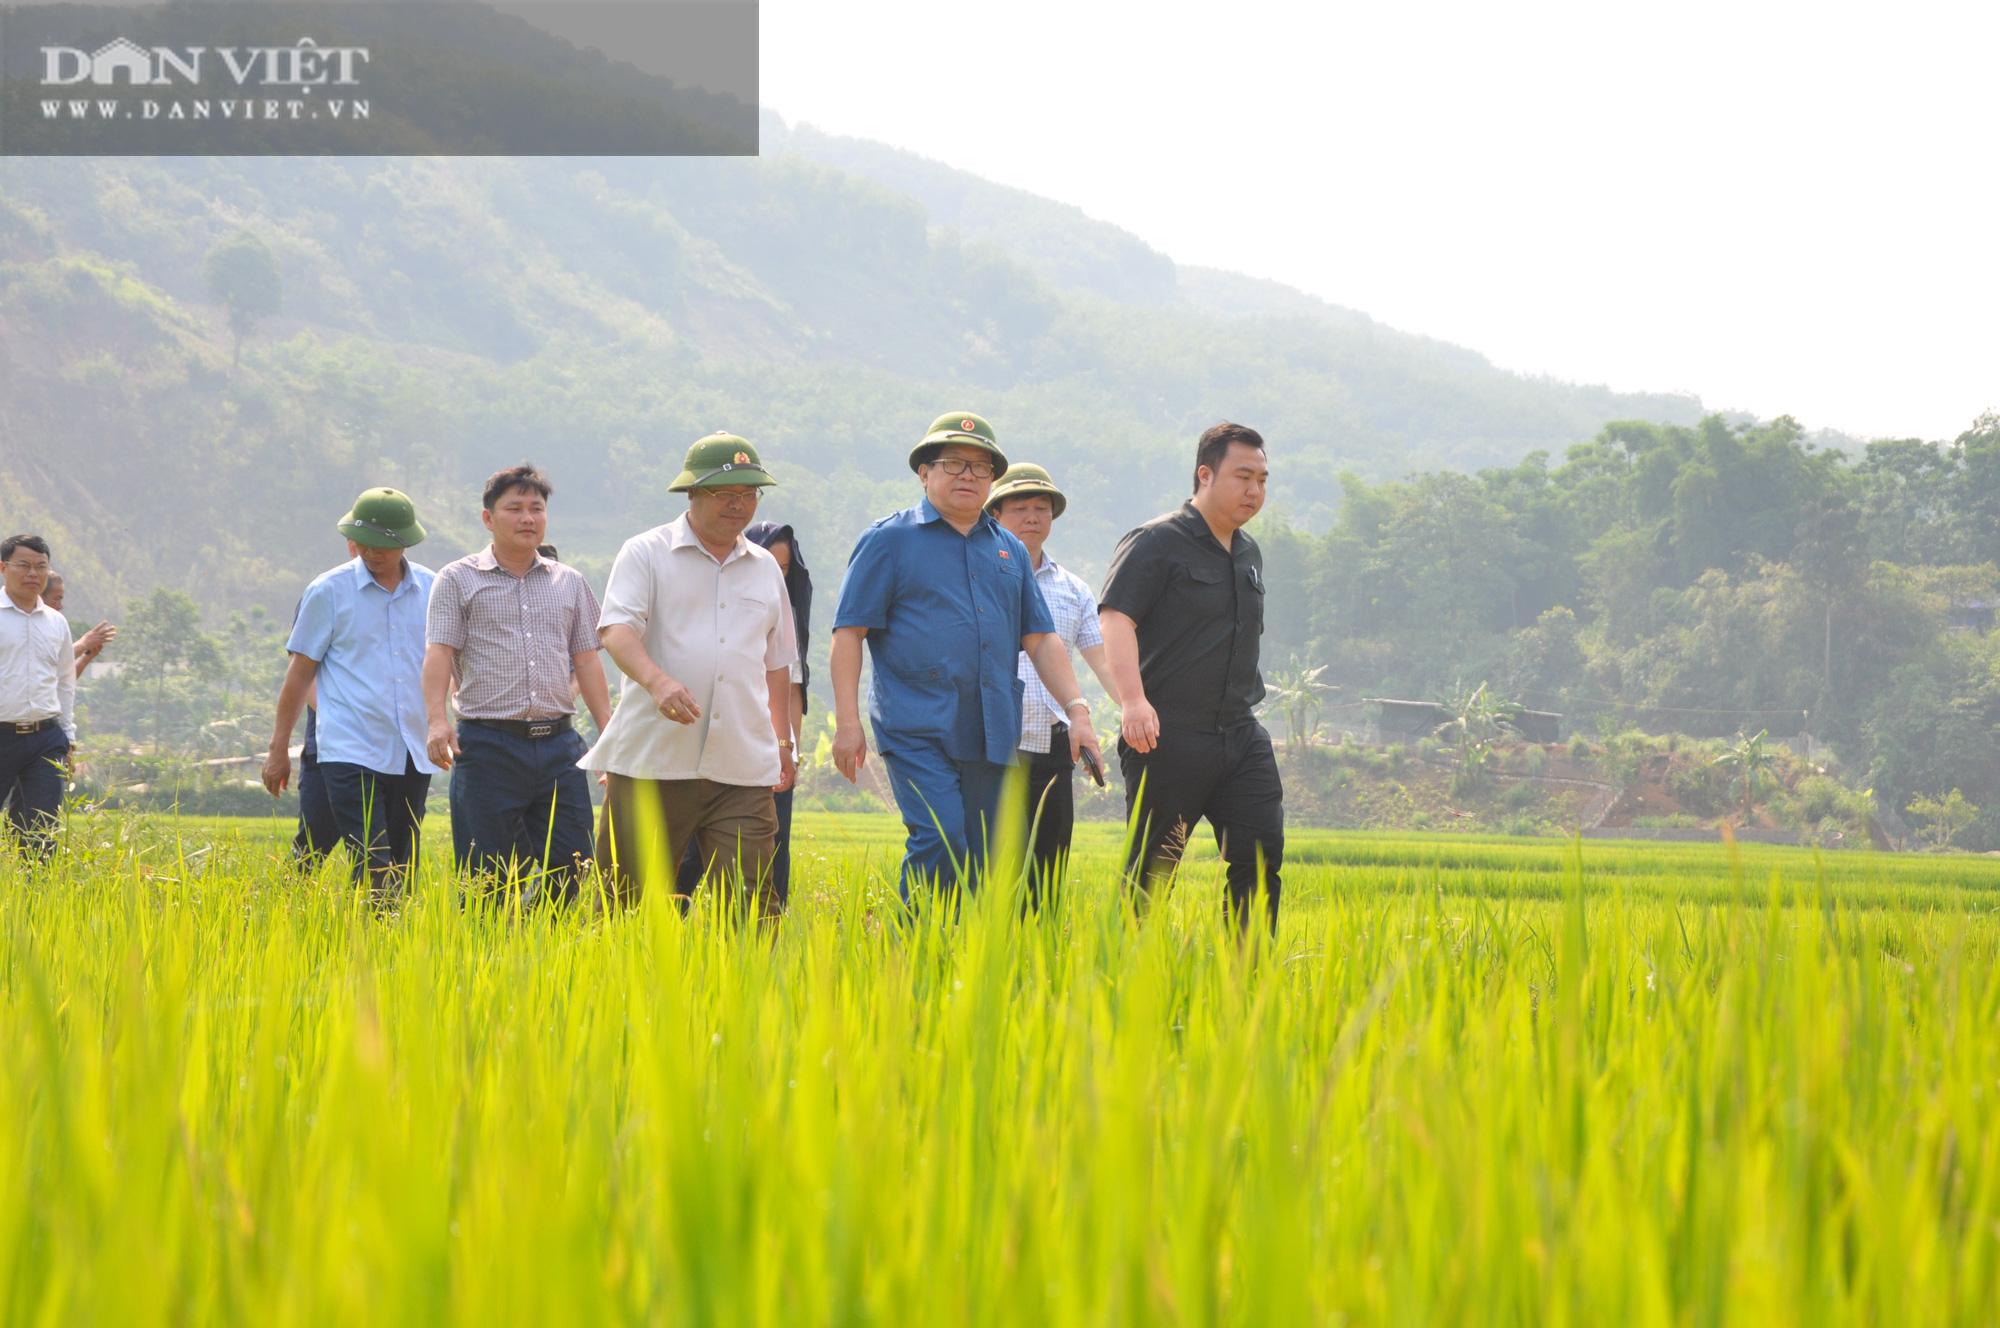 """Chủ tịch Hội Nông dân Việt Nam """"mách nước"""" giúp dân Lai Châu sản xuất lúa theo tiêu chuẩn quốc tế - Ảnh 1."""